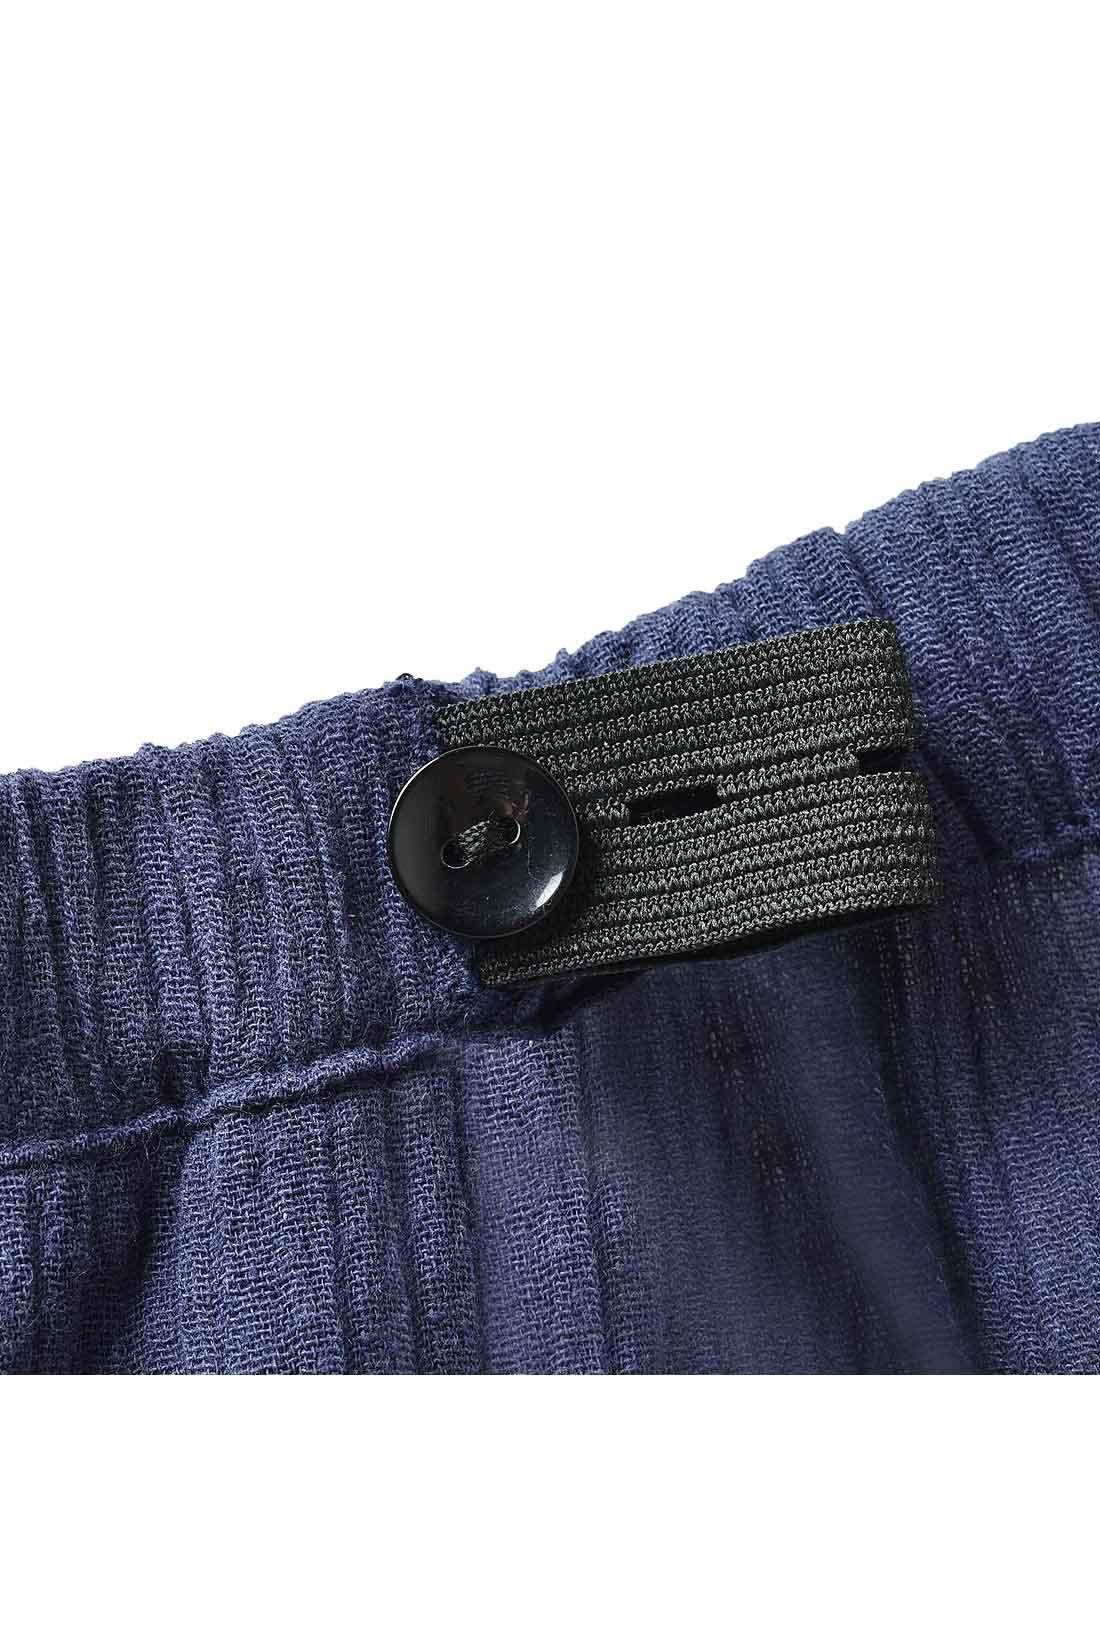 ウエストのゴムはボタン付きで調整可能。